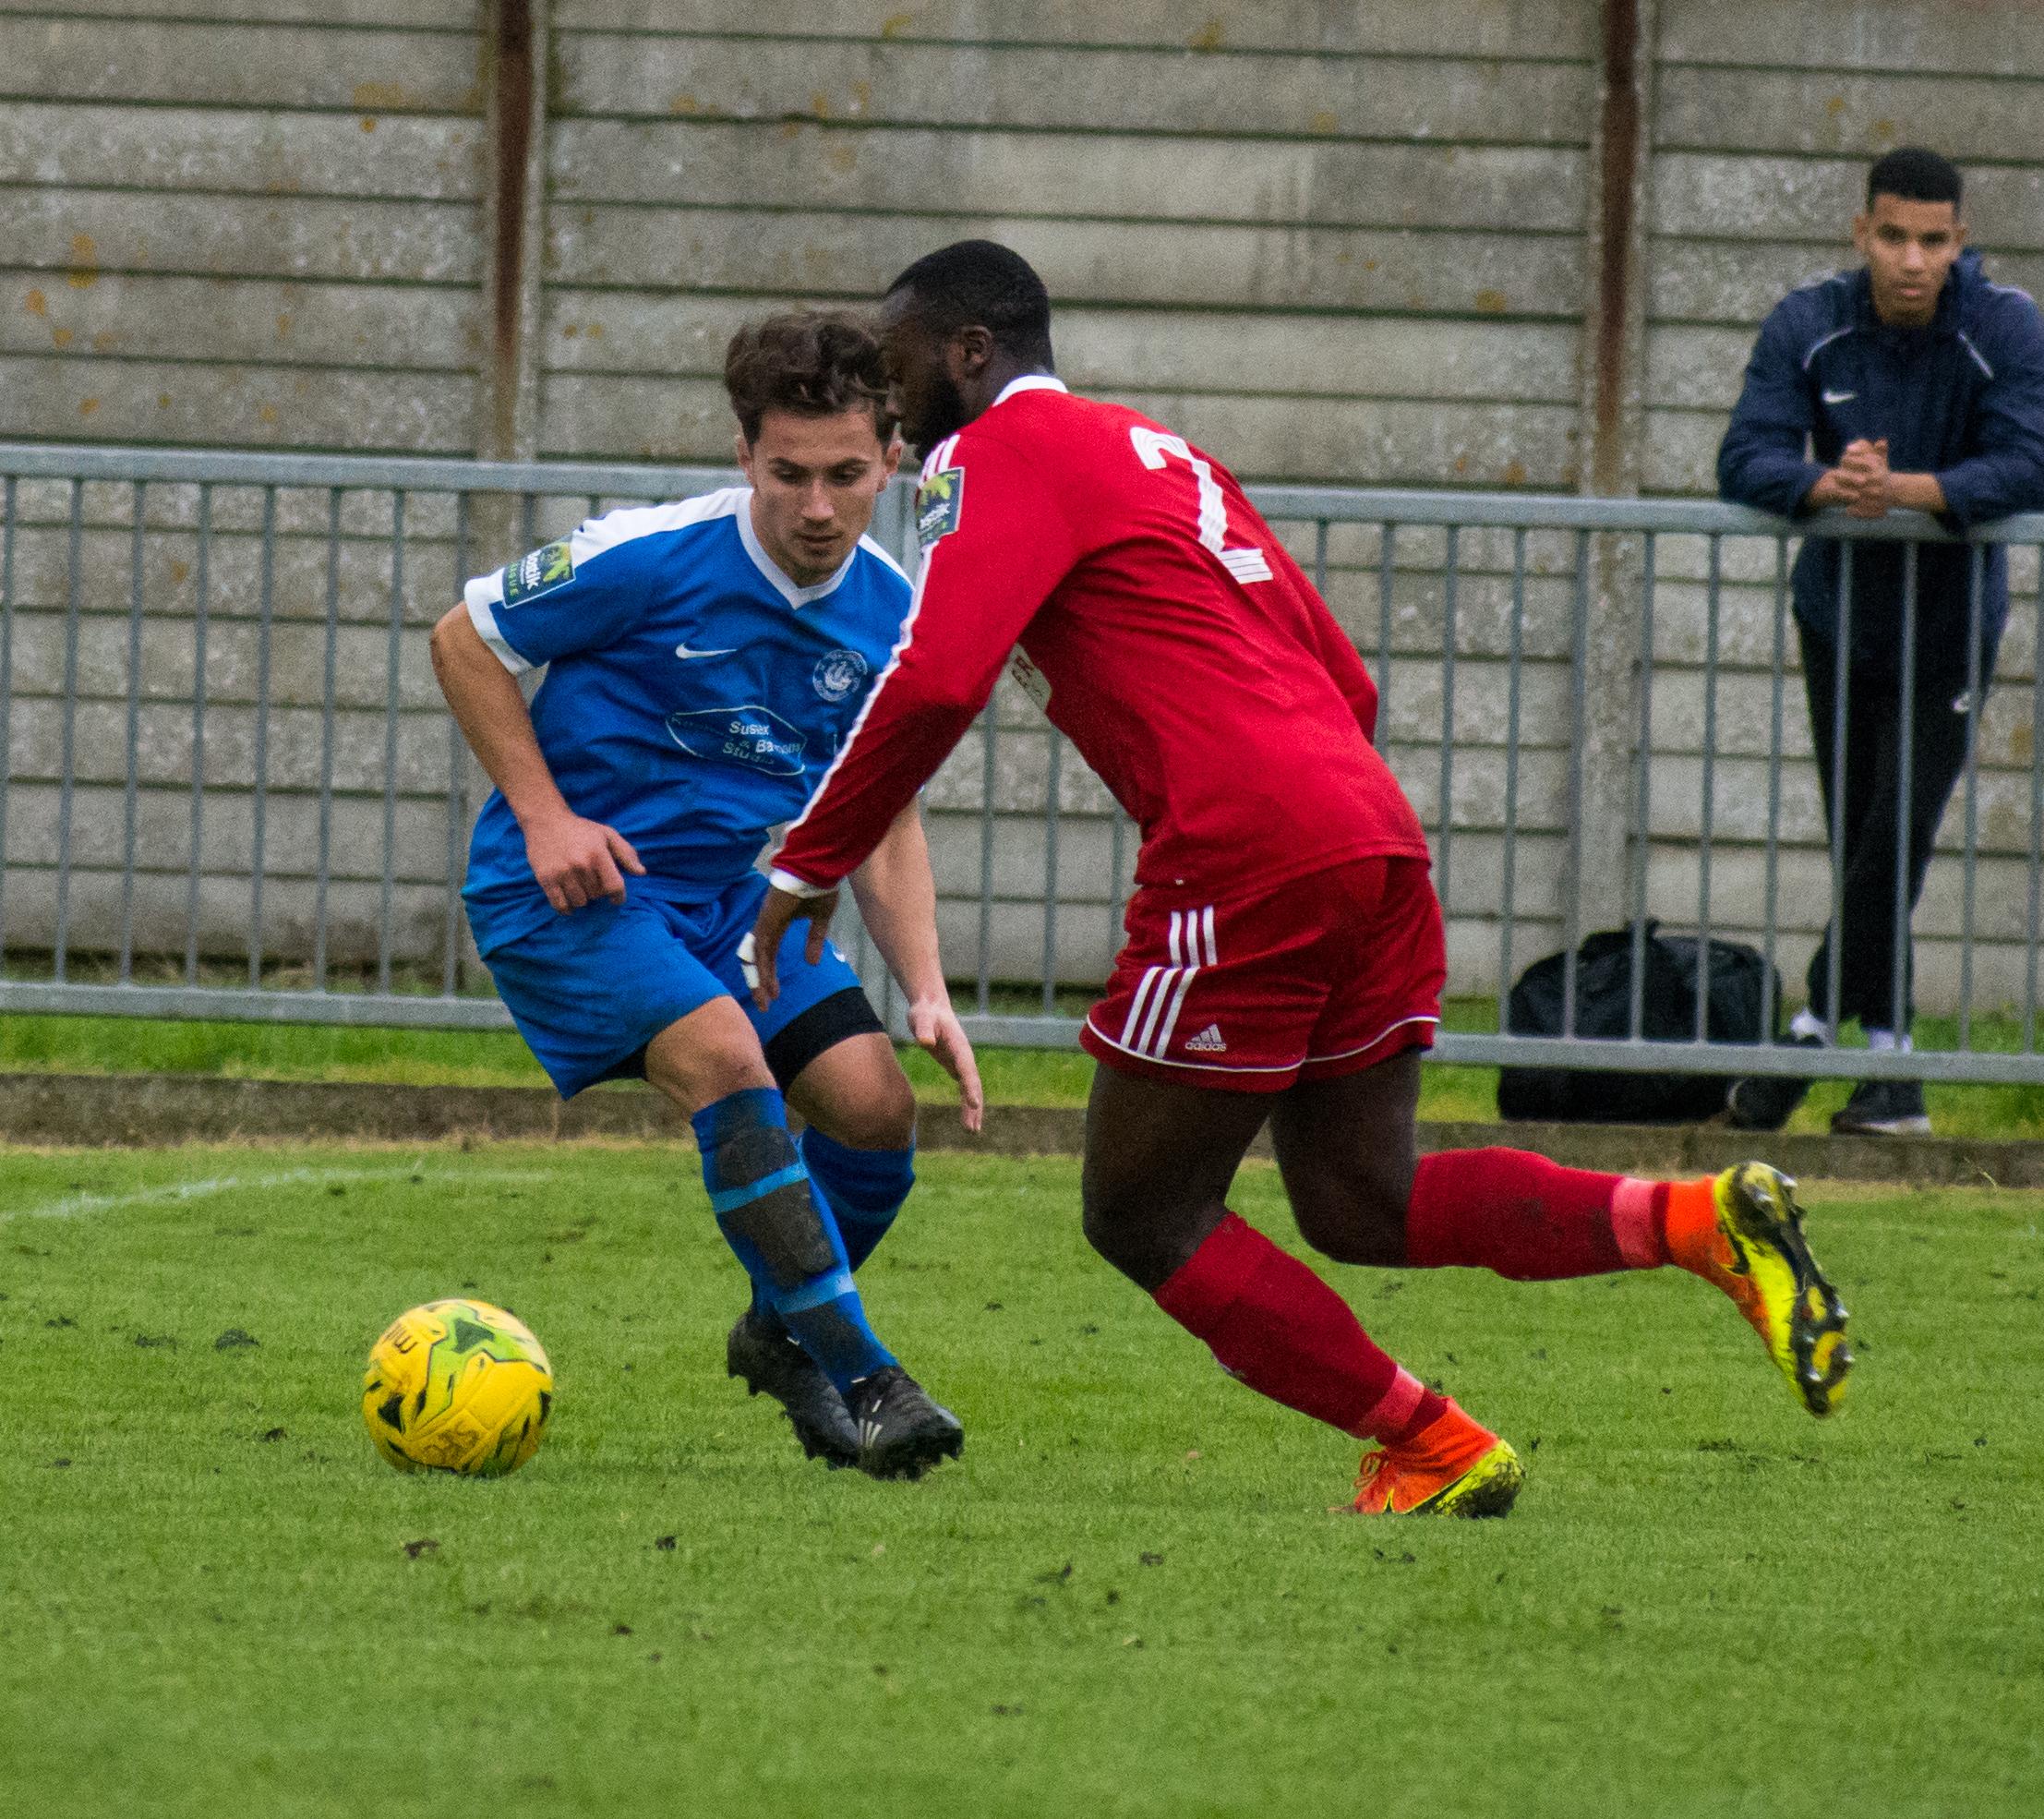 Shoreham FC vs Hythe Town 11.11.17 40